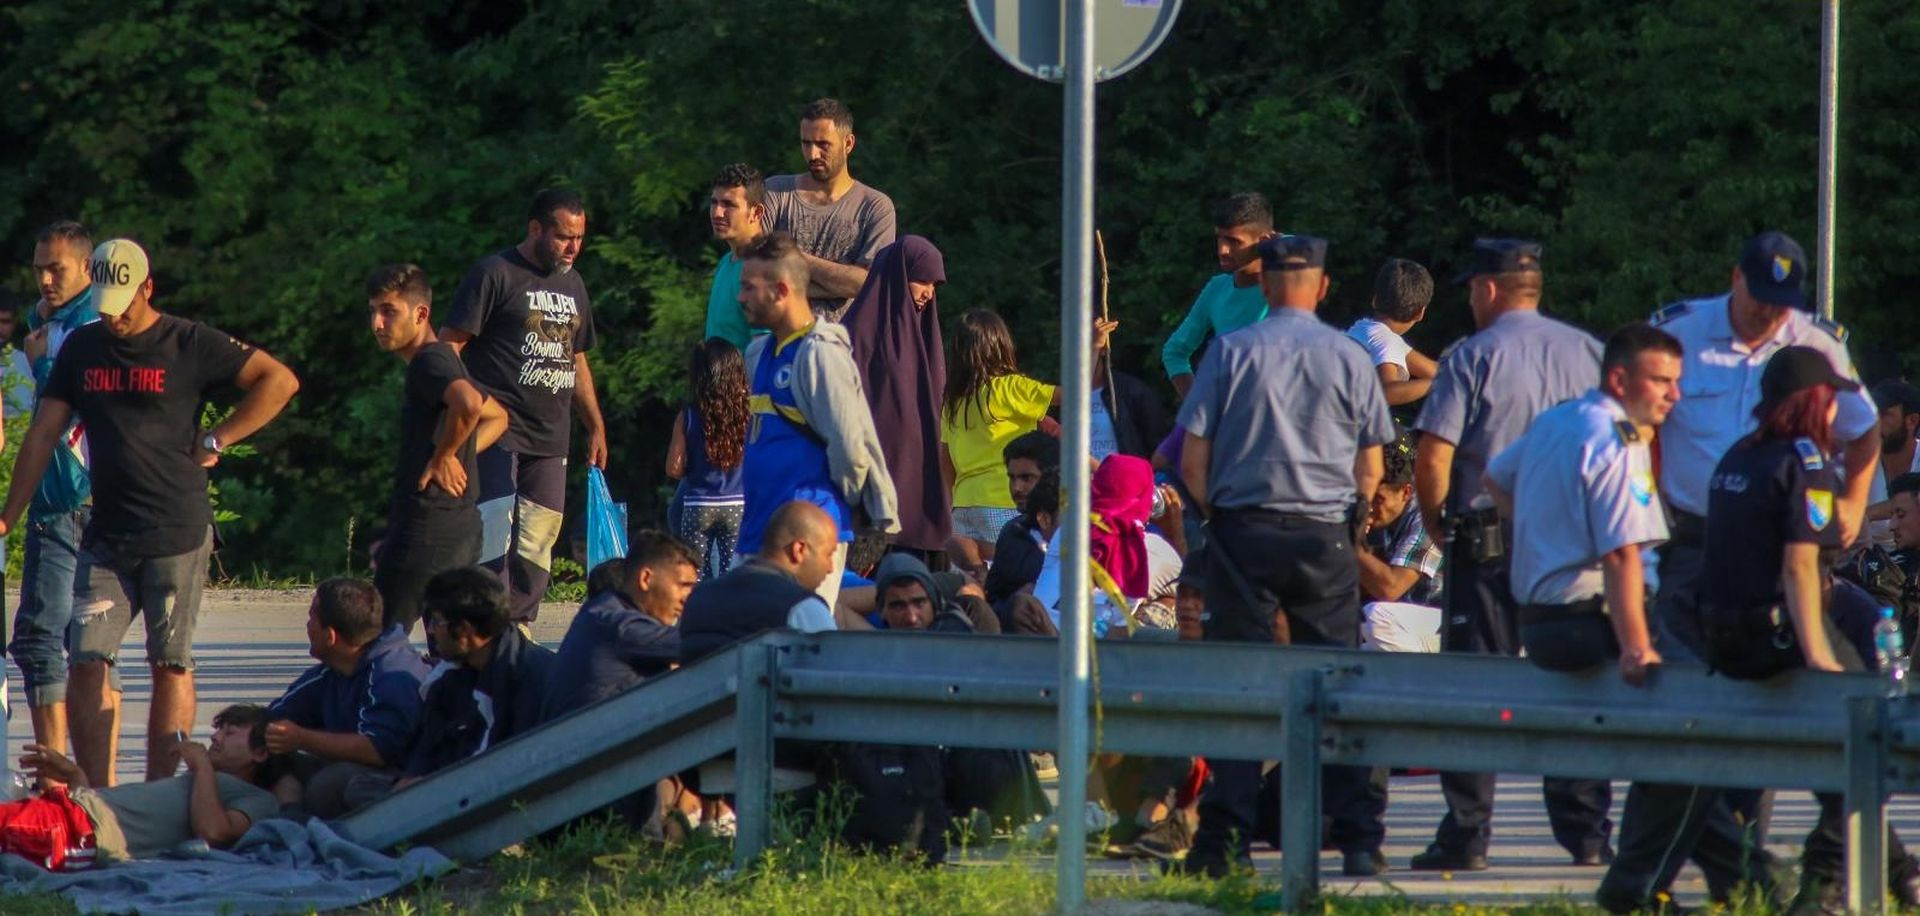 Masovna tučnjava među migrantima u Bihaću, policija upotrijebila oružje